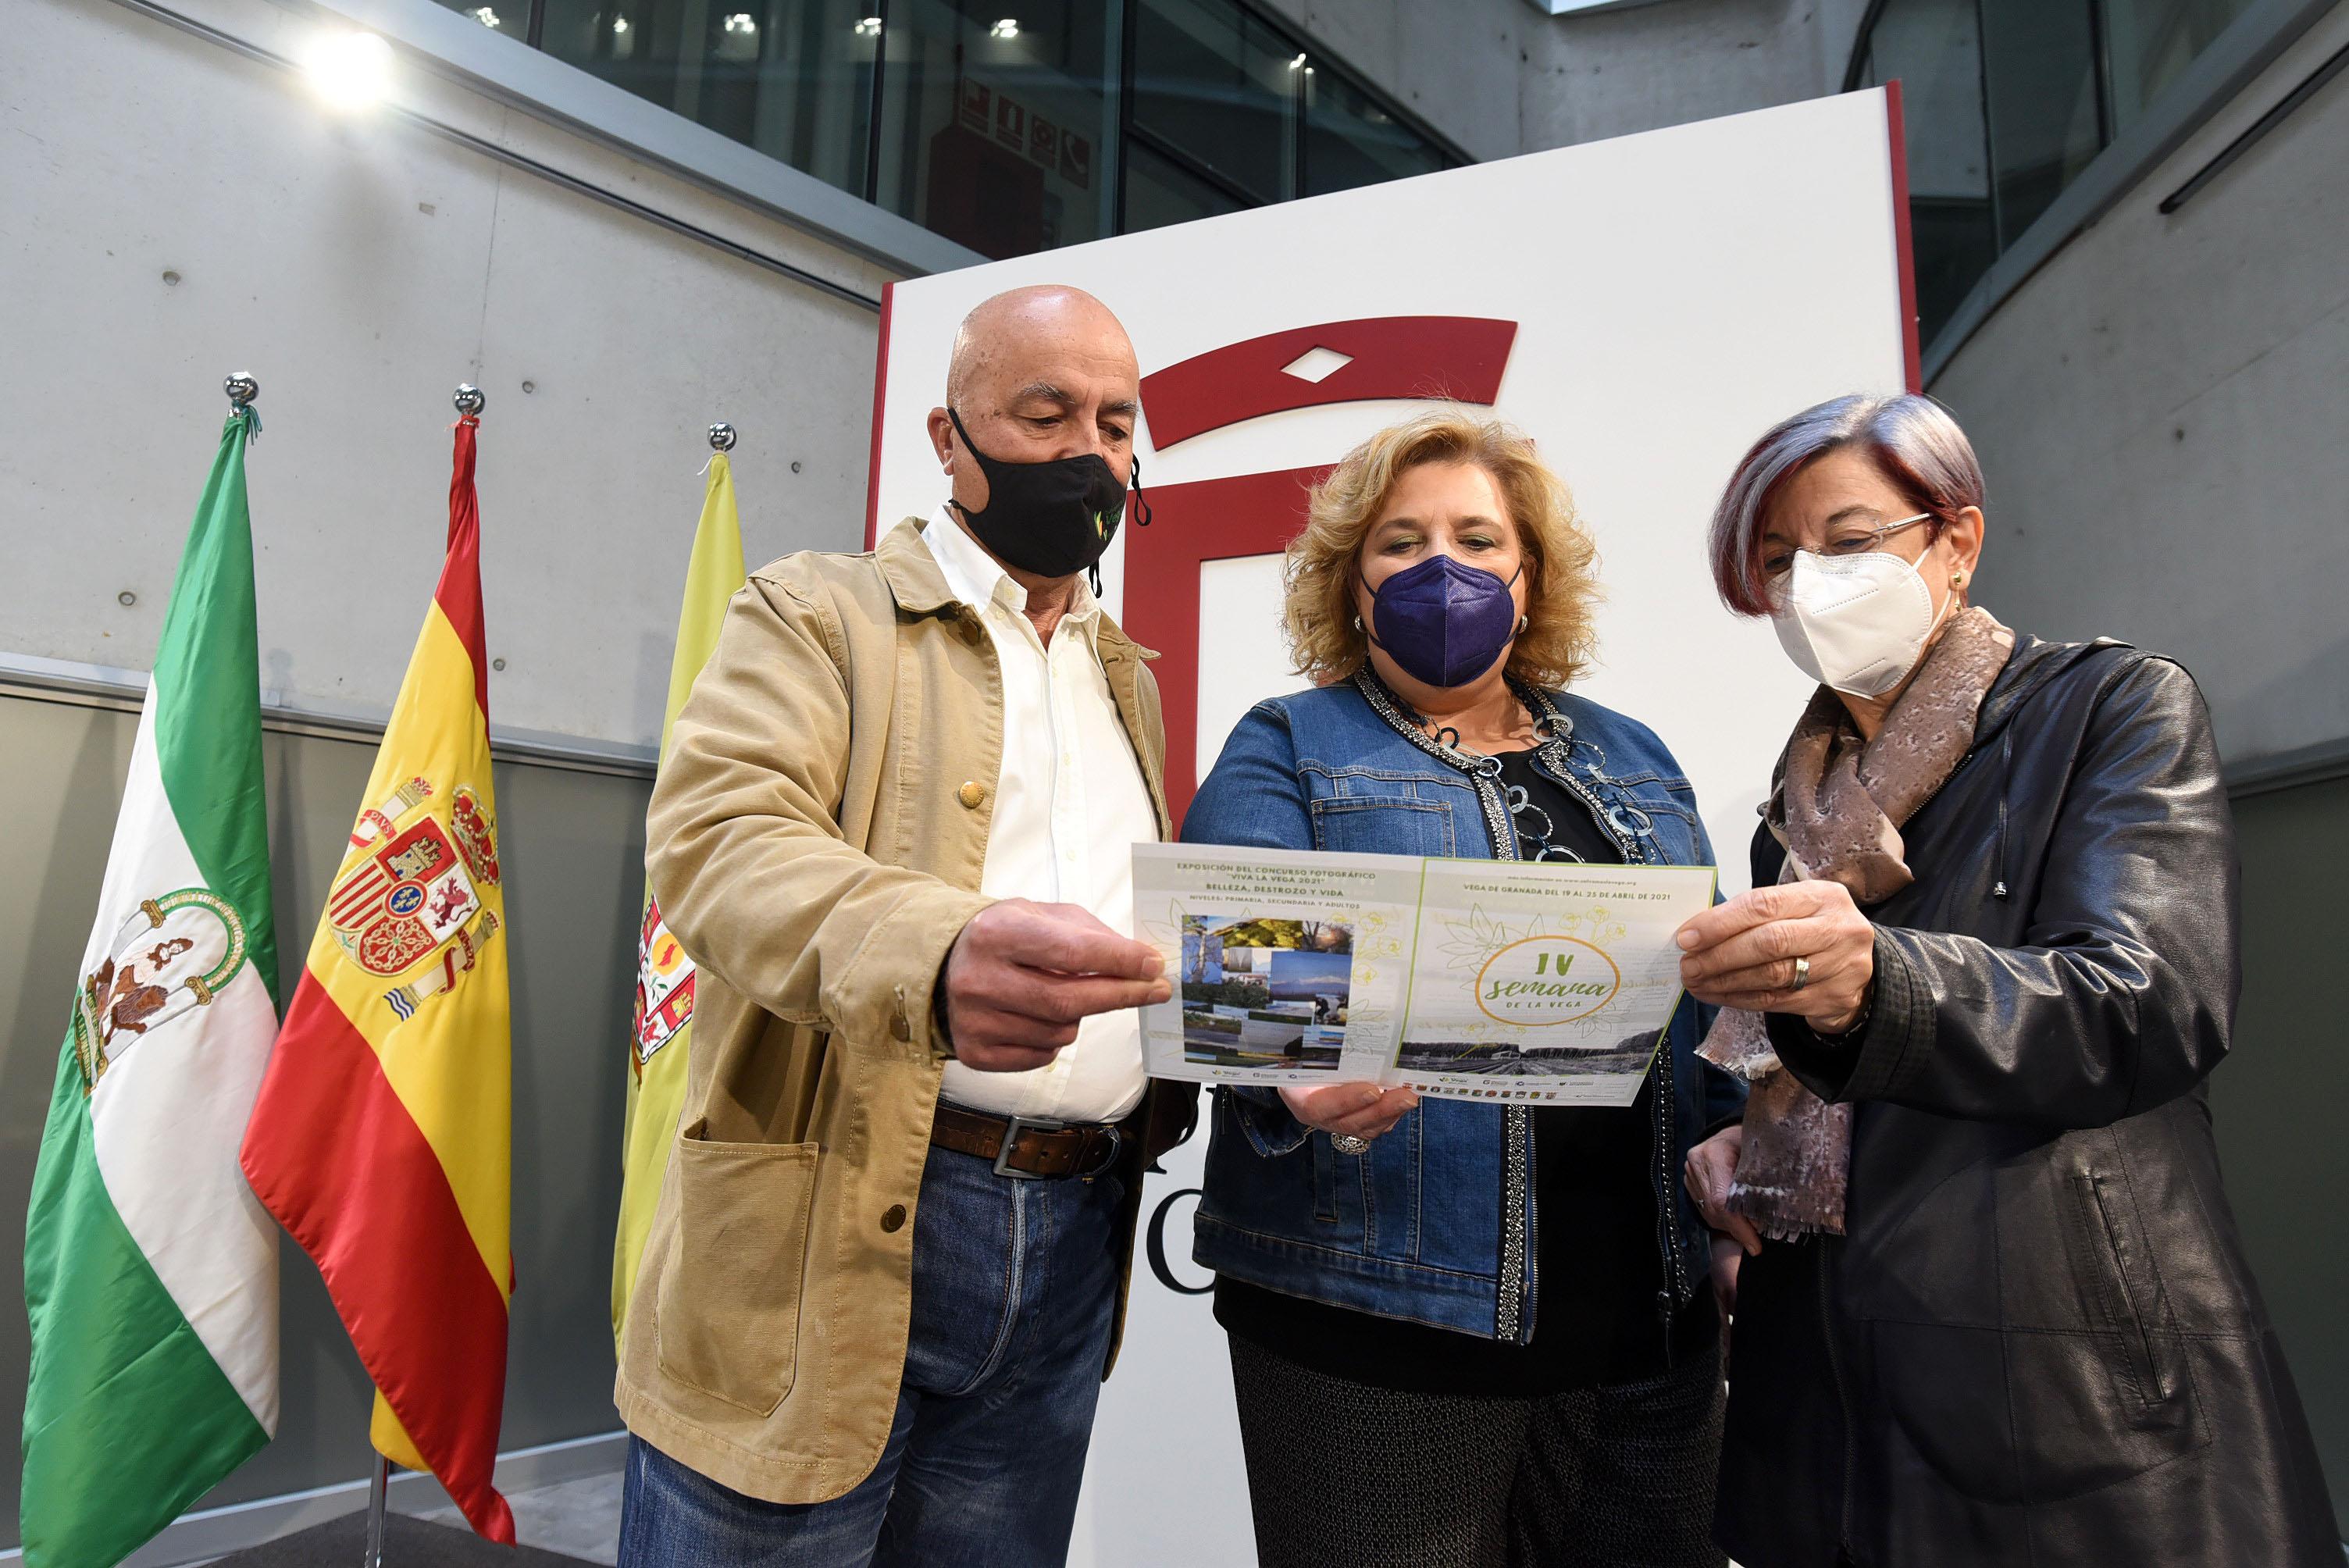 """La IV """"Semana de la Vega"""" arranca hoy con una completa agenda de actividades culturales y de ocio para difundir los valores del entorno"""